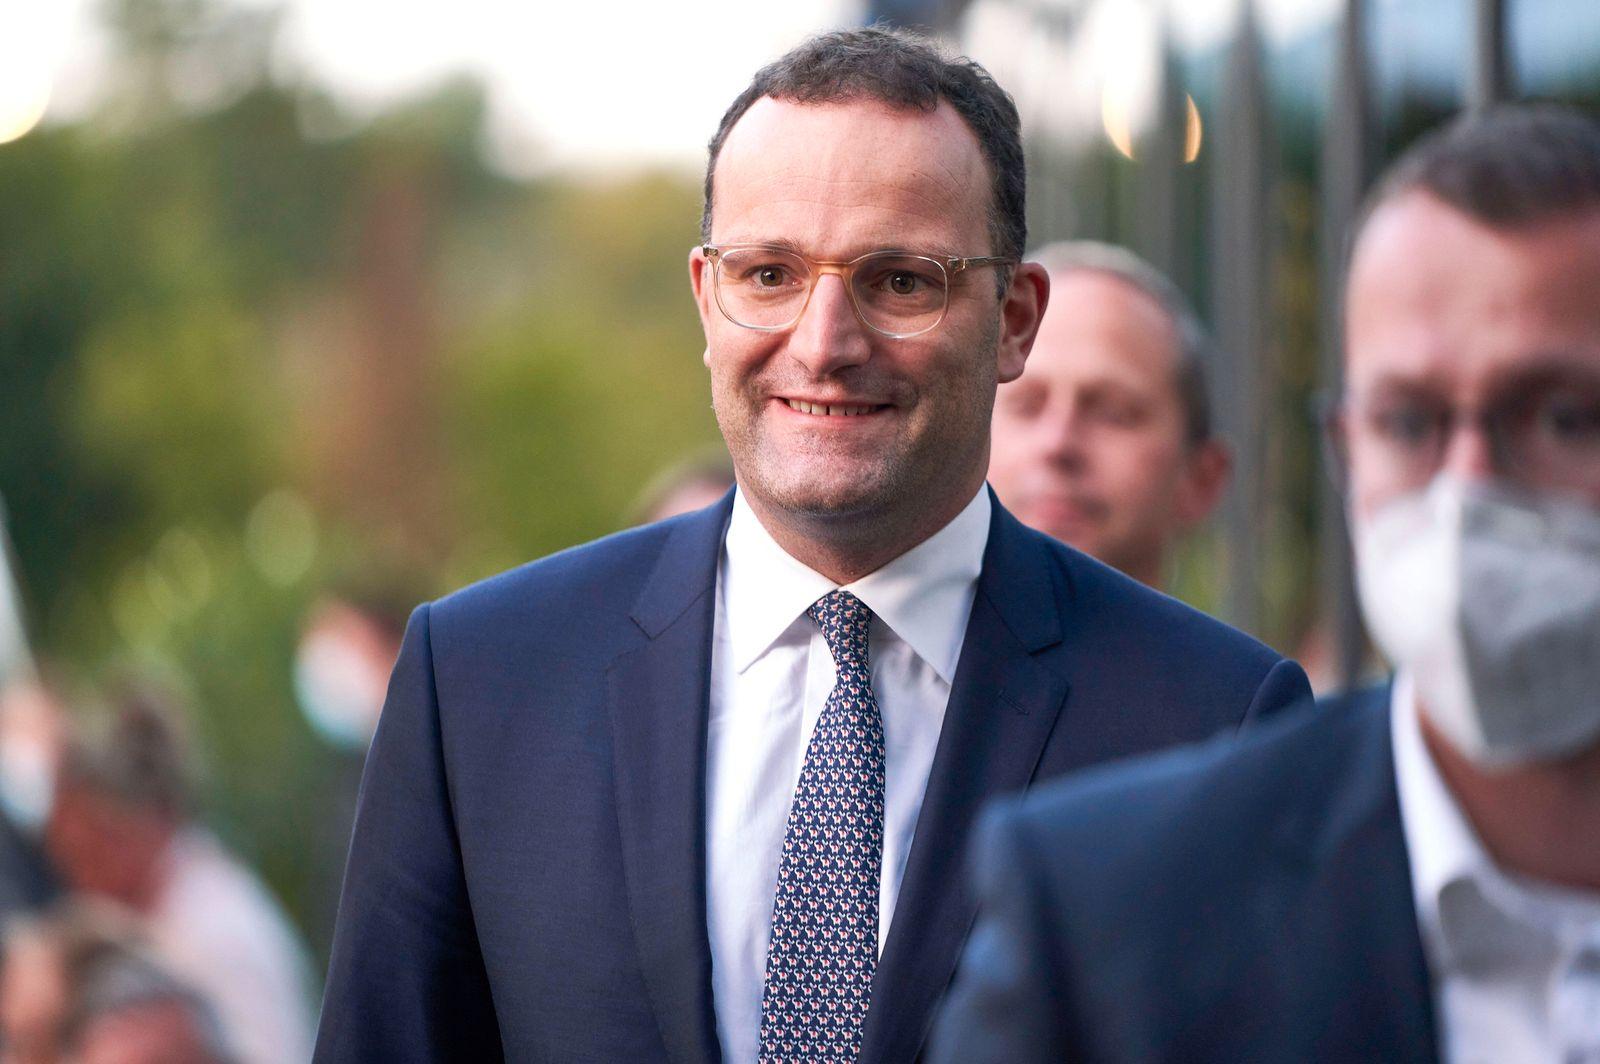 Jens Spahn bei einer Wahlkampfverstaltung der CDU auf dem Gelände der L Osteria. Garbsen, 01.09.2021 *** Jens Spahn at